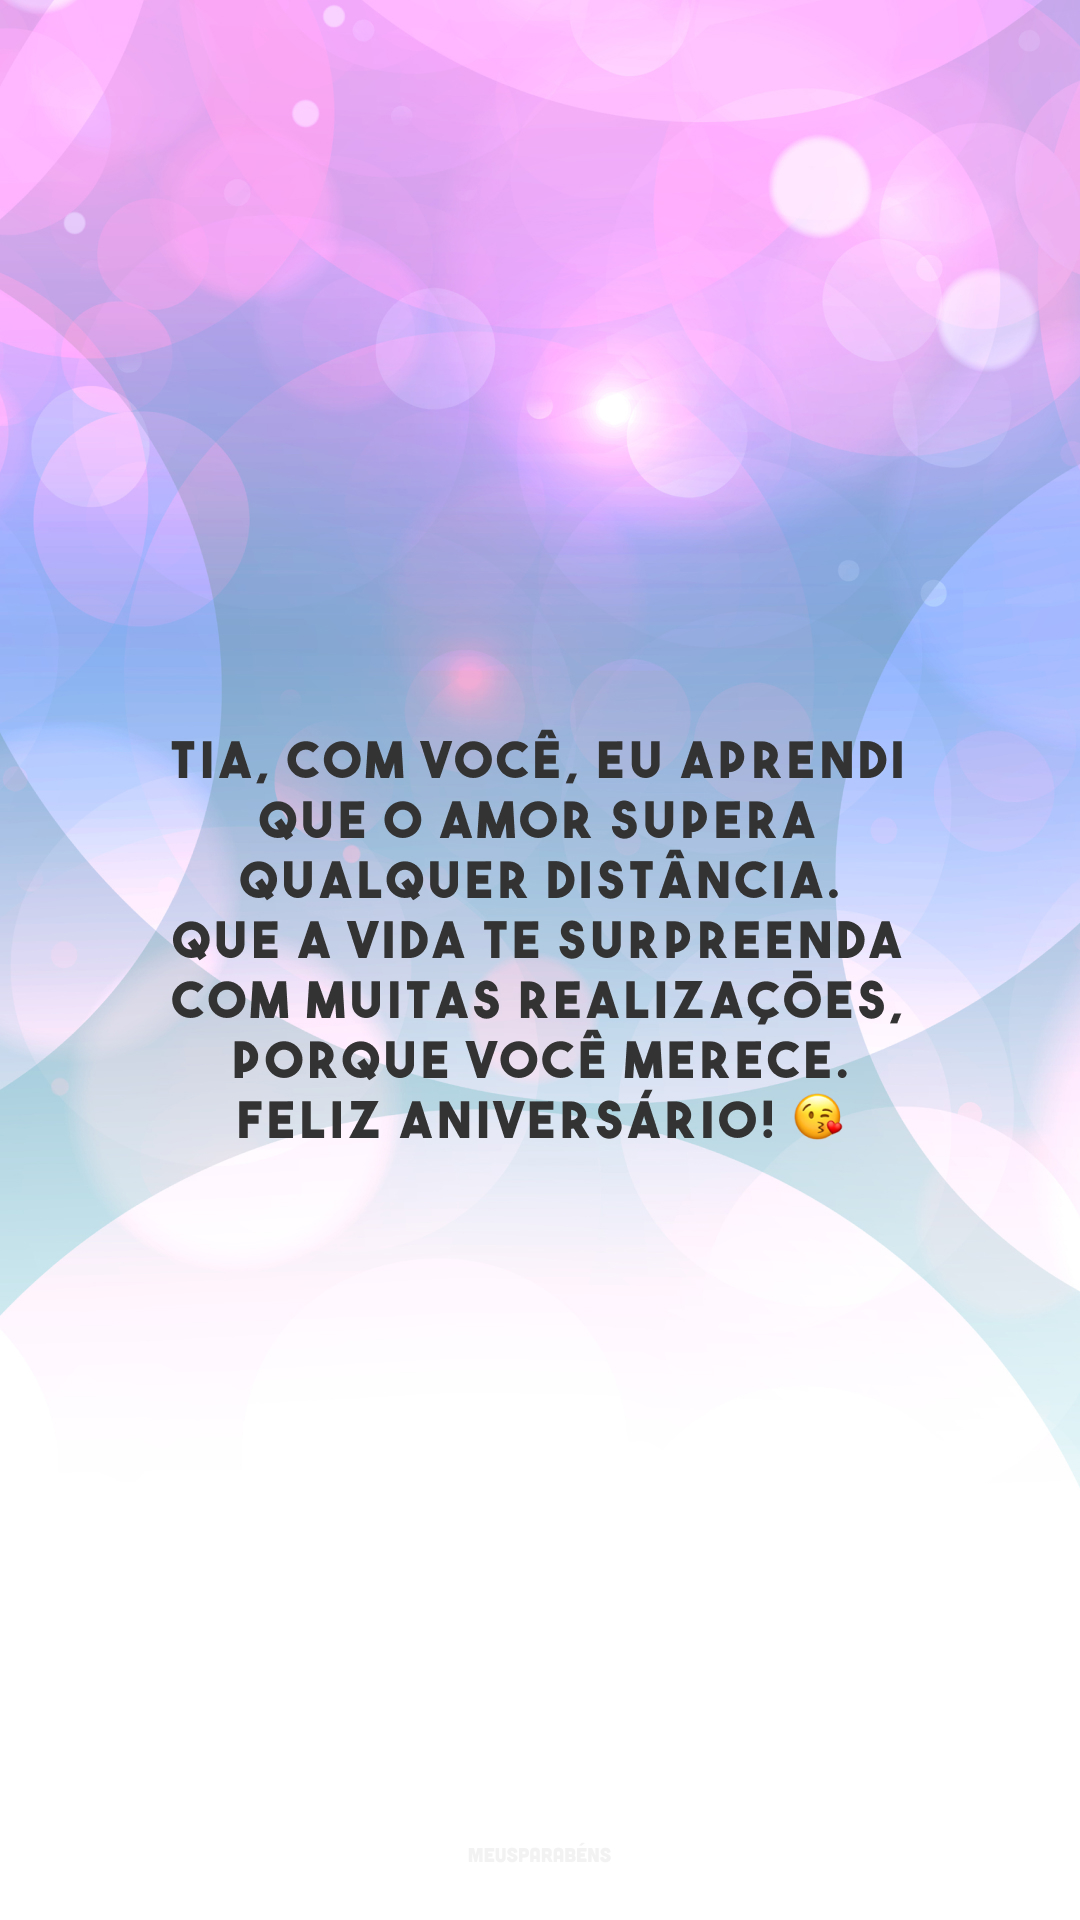 Tia, com você, eu aprendi que o amor supera qualquer distância. Que a vida te surpreenda com muitas realizações, porque você merece. Feliz aniversário! 😘